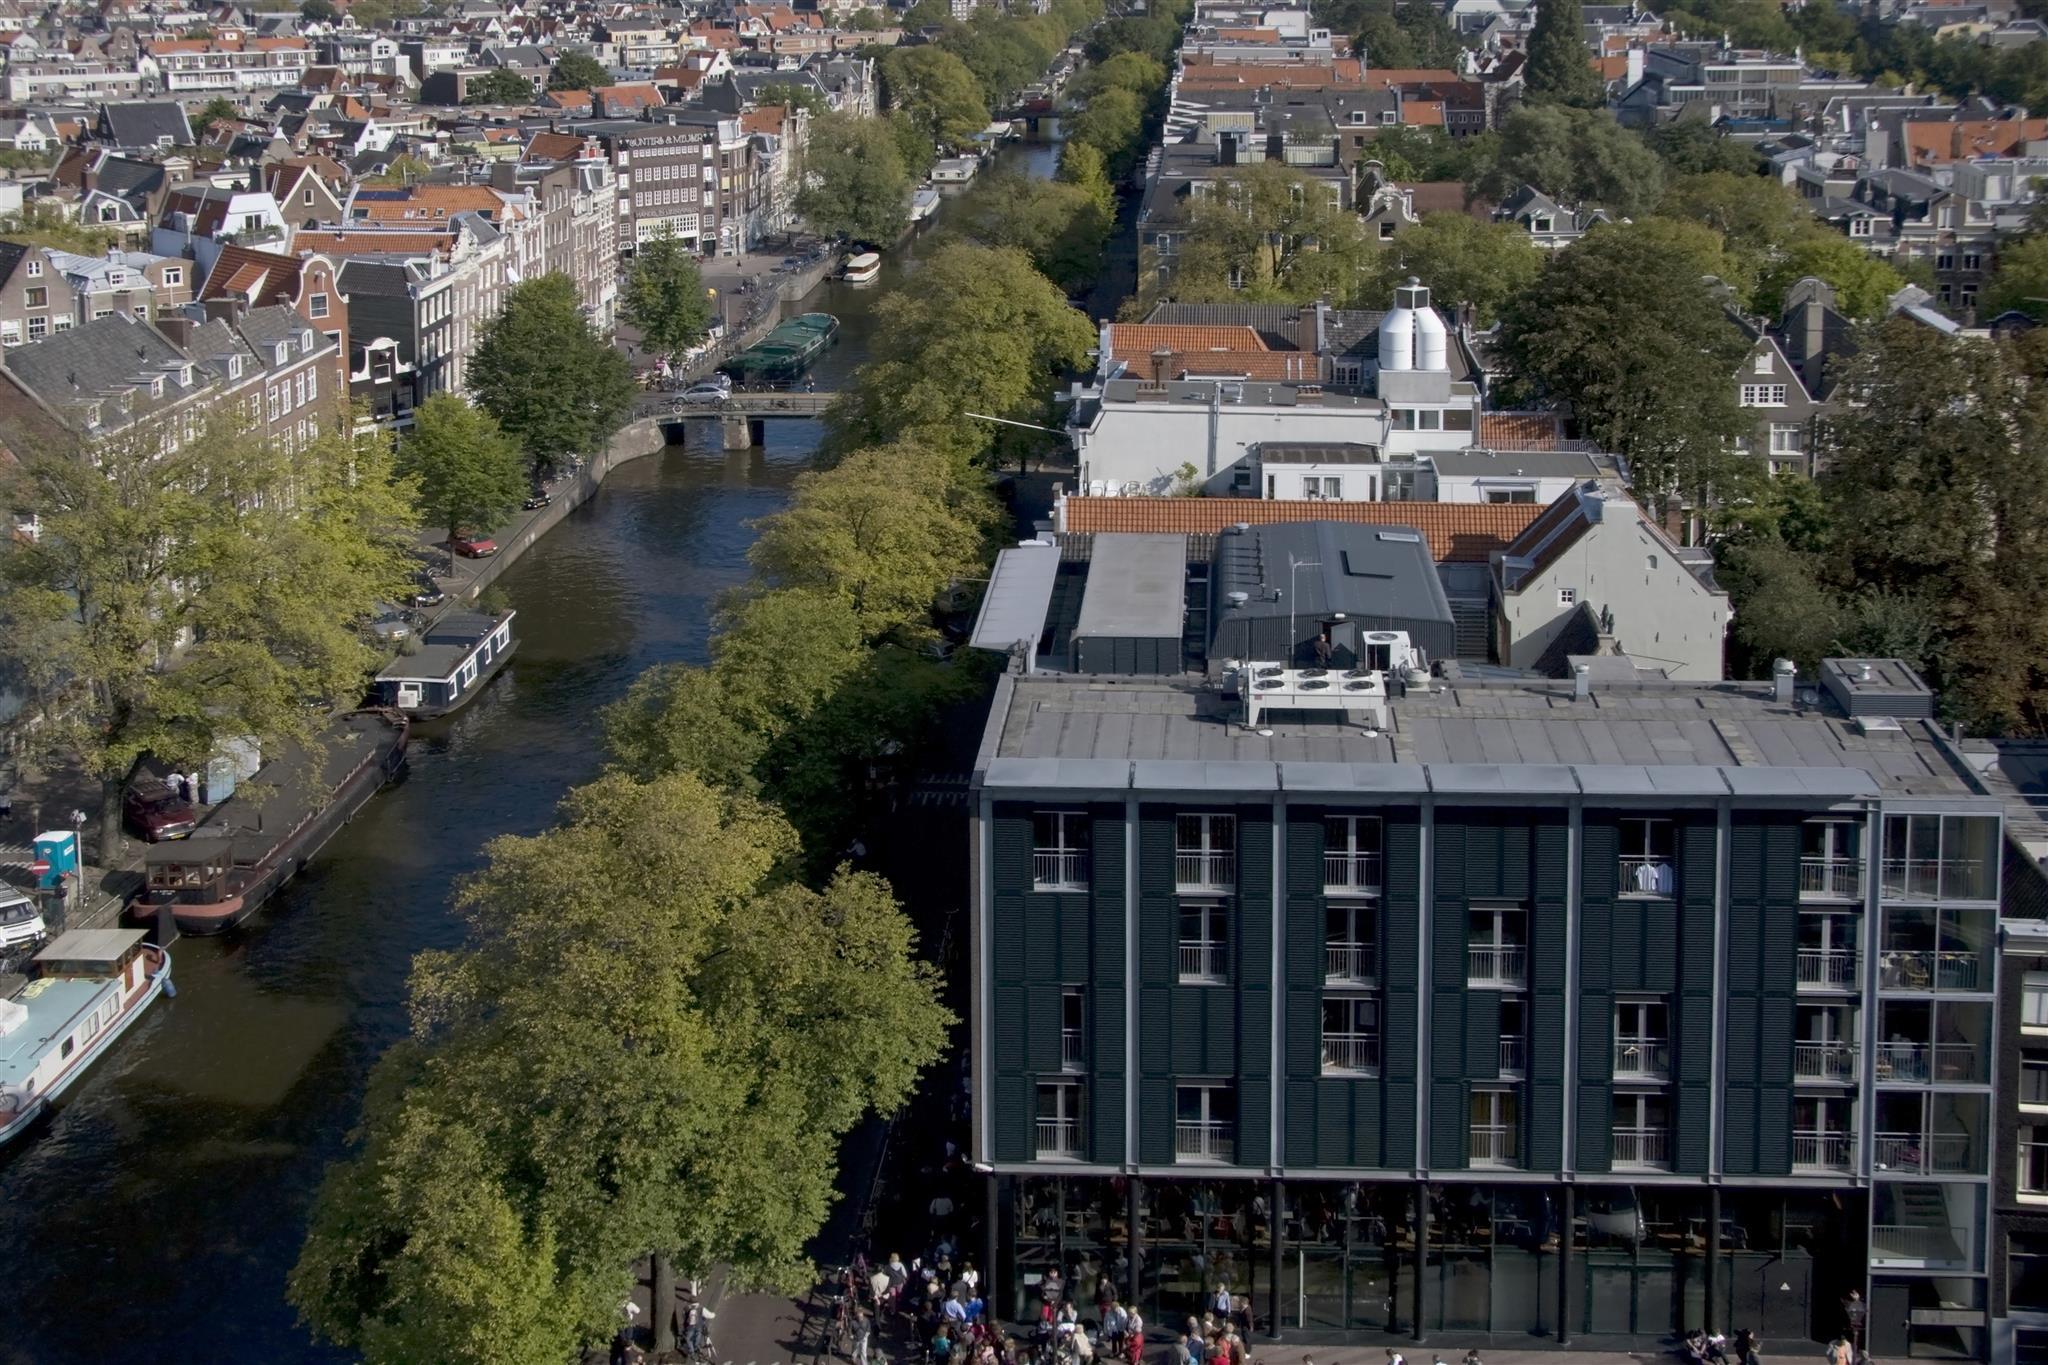 Boat Houthavenkade, Zaanstad